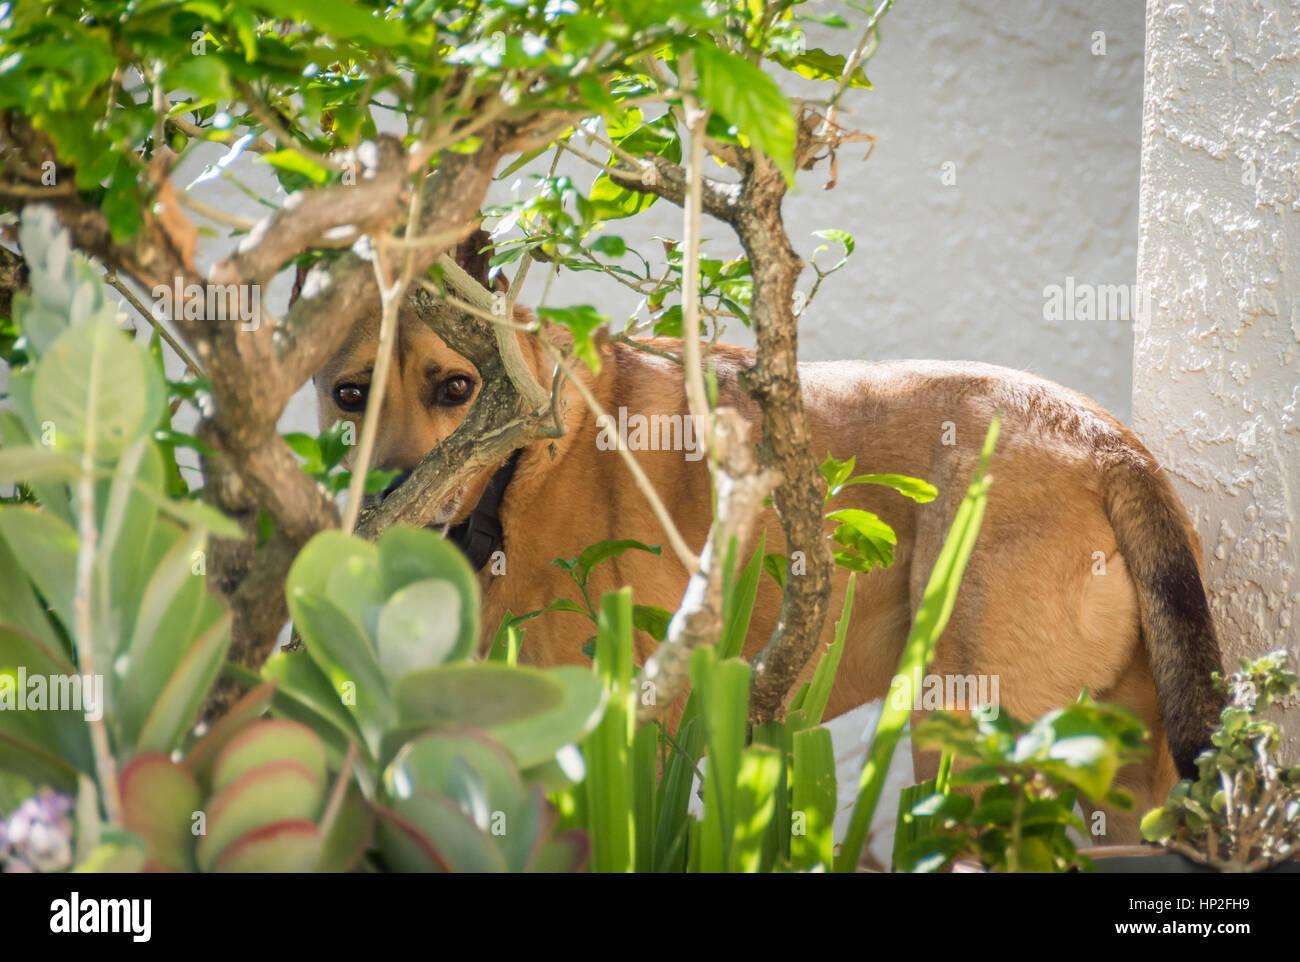 A dog doing a poor job of hiding behind a bush in a garden. - Stock Image